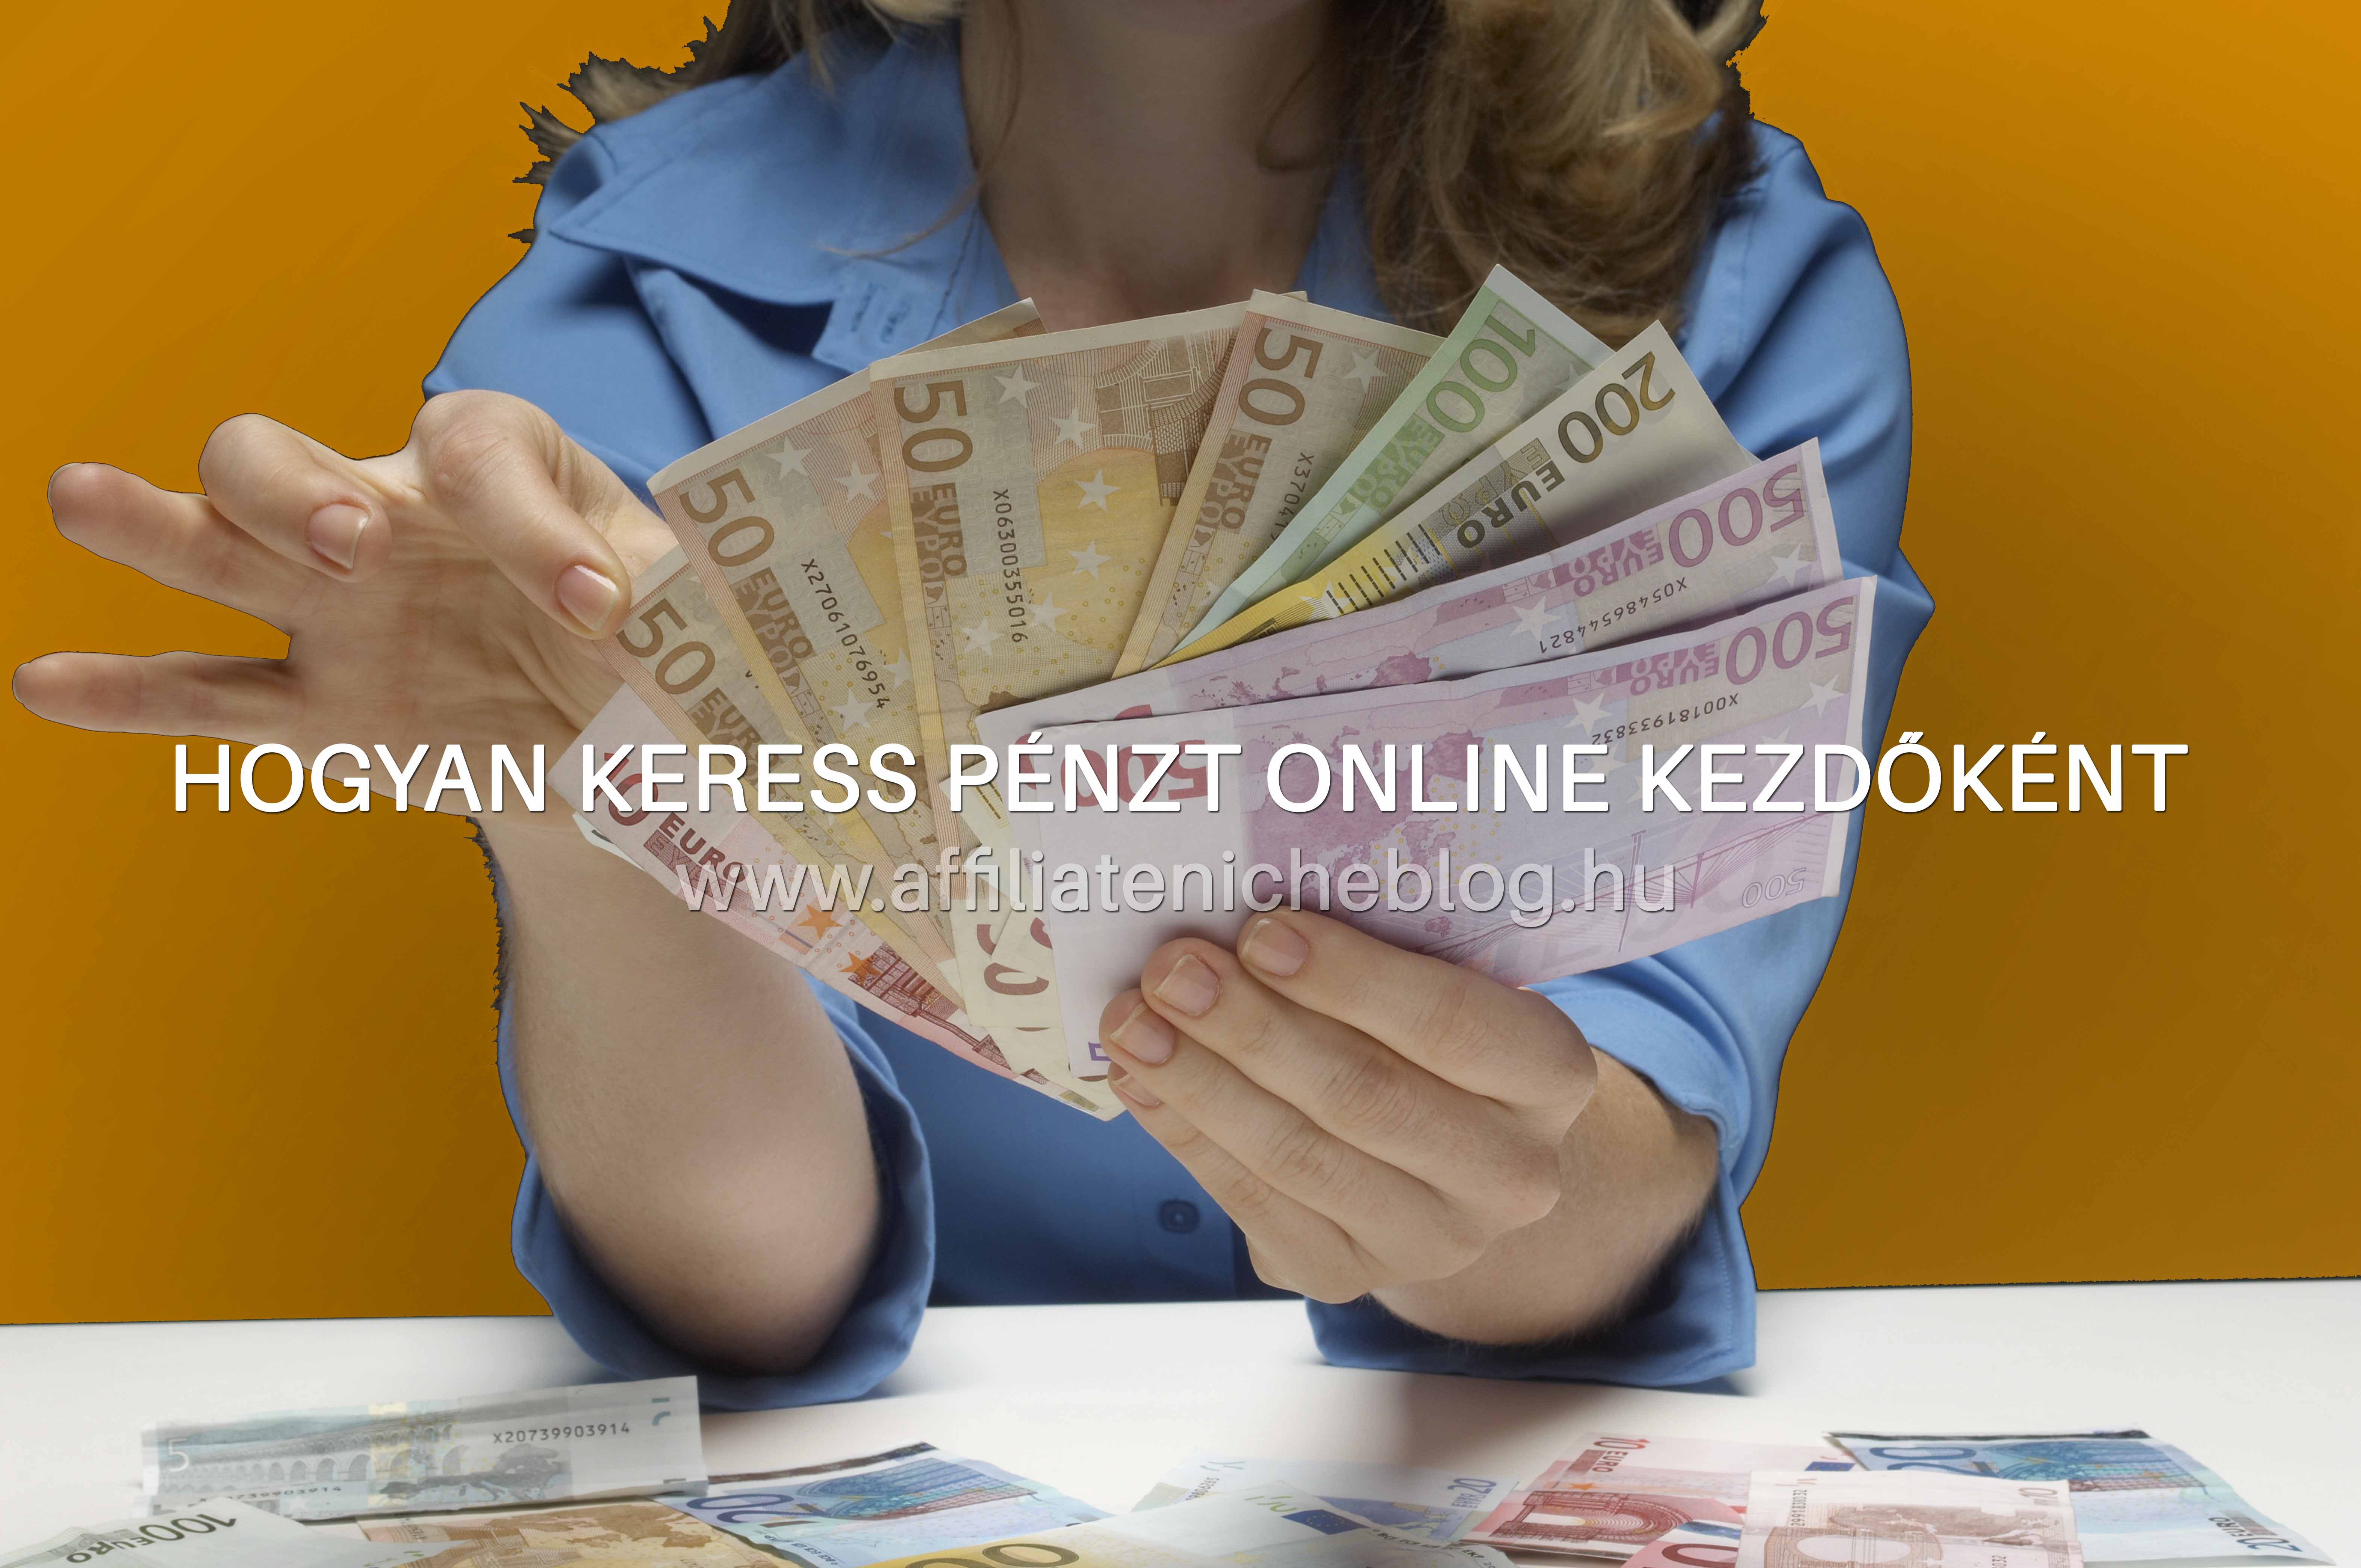 nagy pénzt keresni interneten)